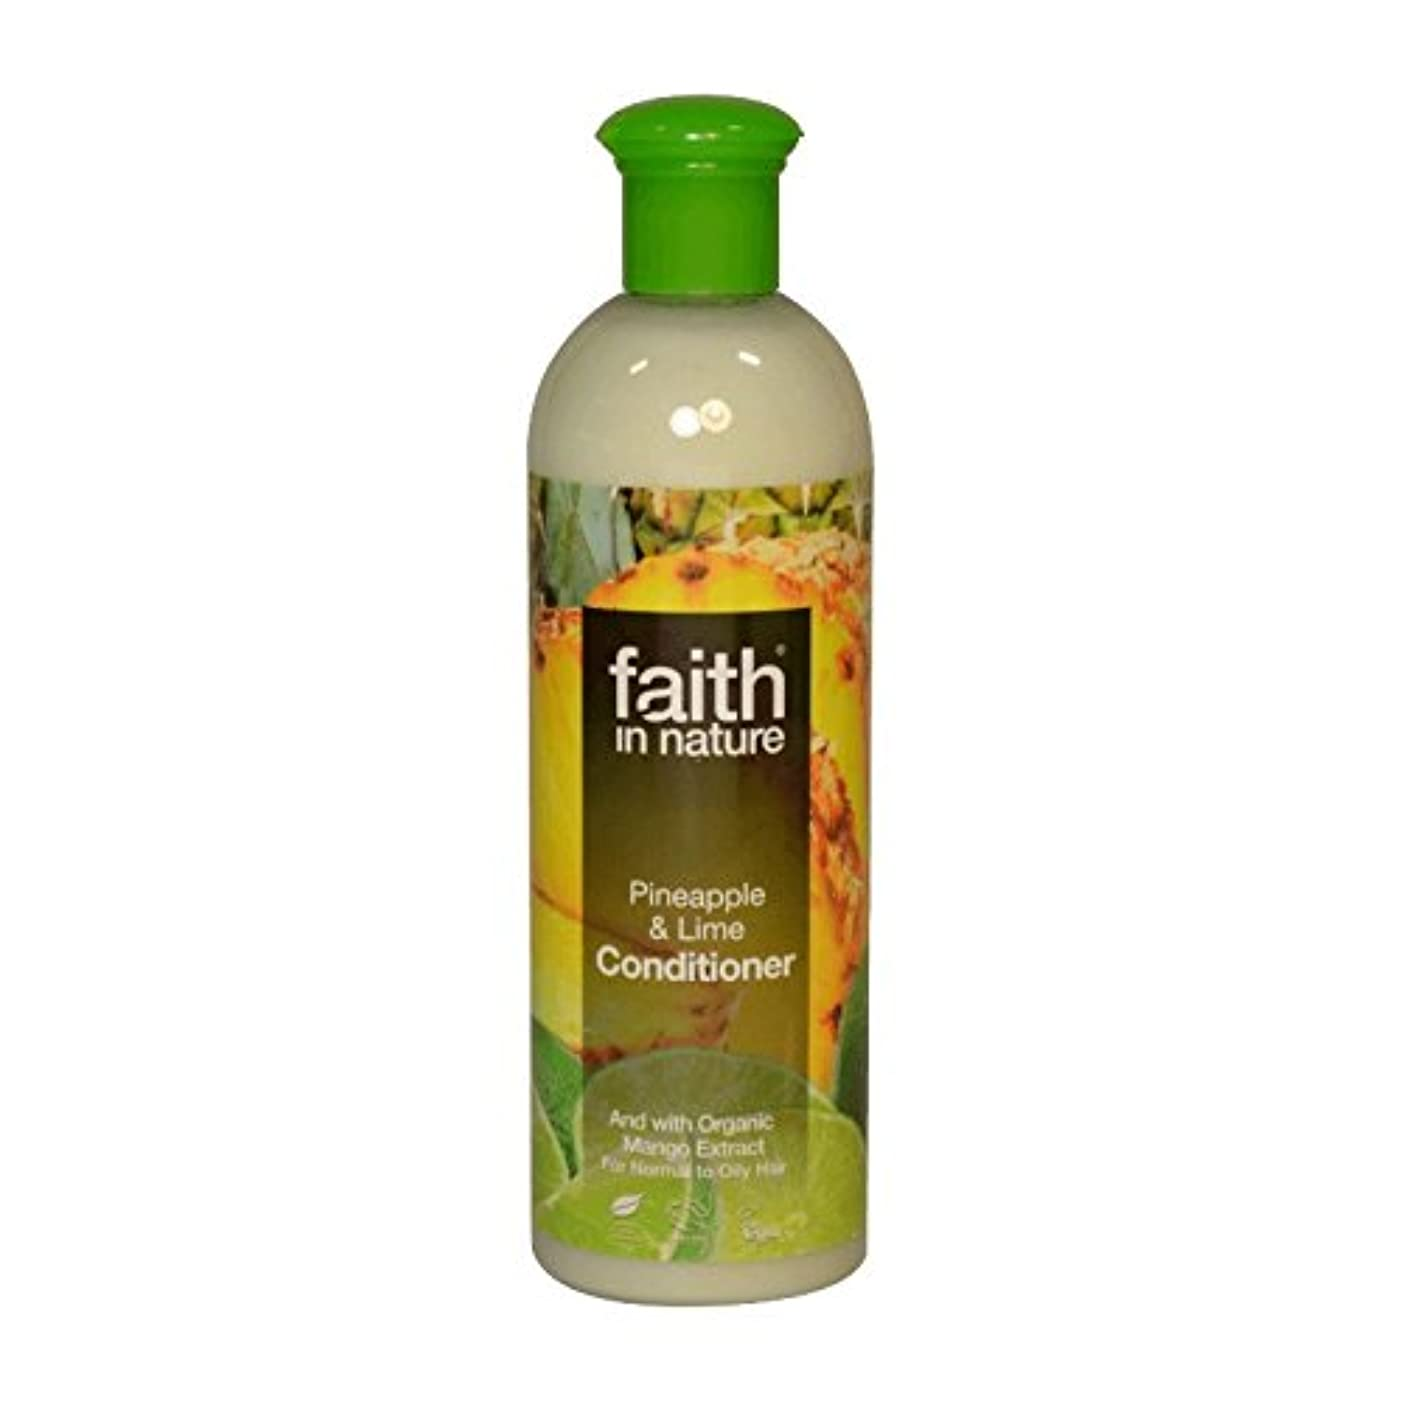 谷何でもナインへFaith in Nature Pineapple & Lime Conditioner 400ml (Pack of 6) - 自然パイナップル&ライムコンディショナー400ミリリットルの信仰 (x6) [並行輸入品]